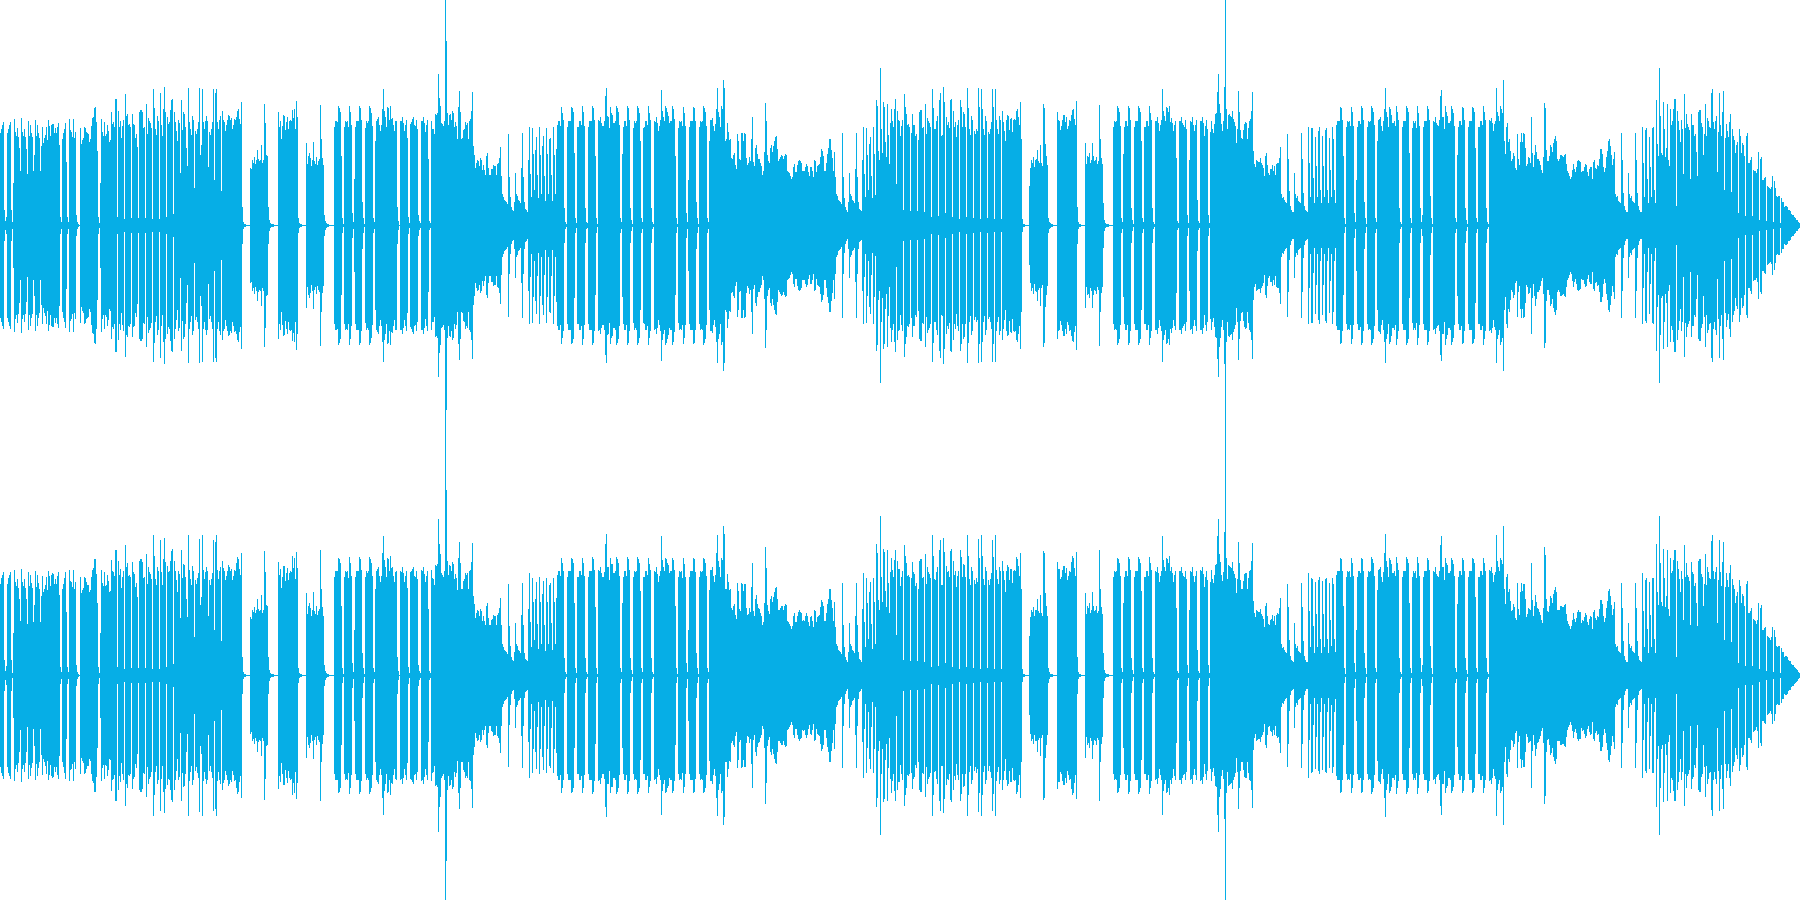 ハロウィンにオススメの少し奇妙で明るい曲の再生済みの波形